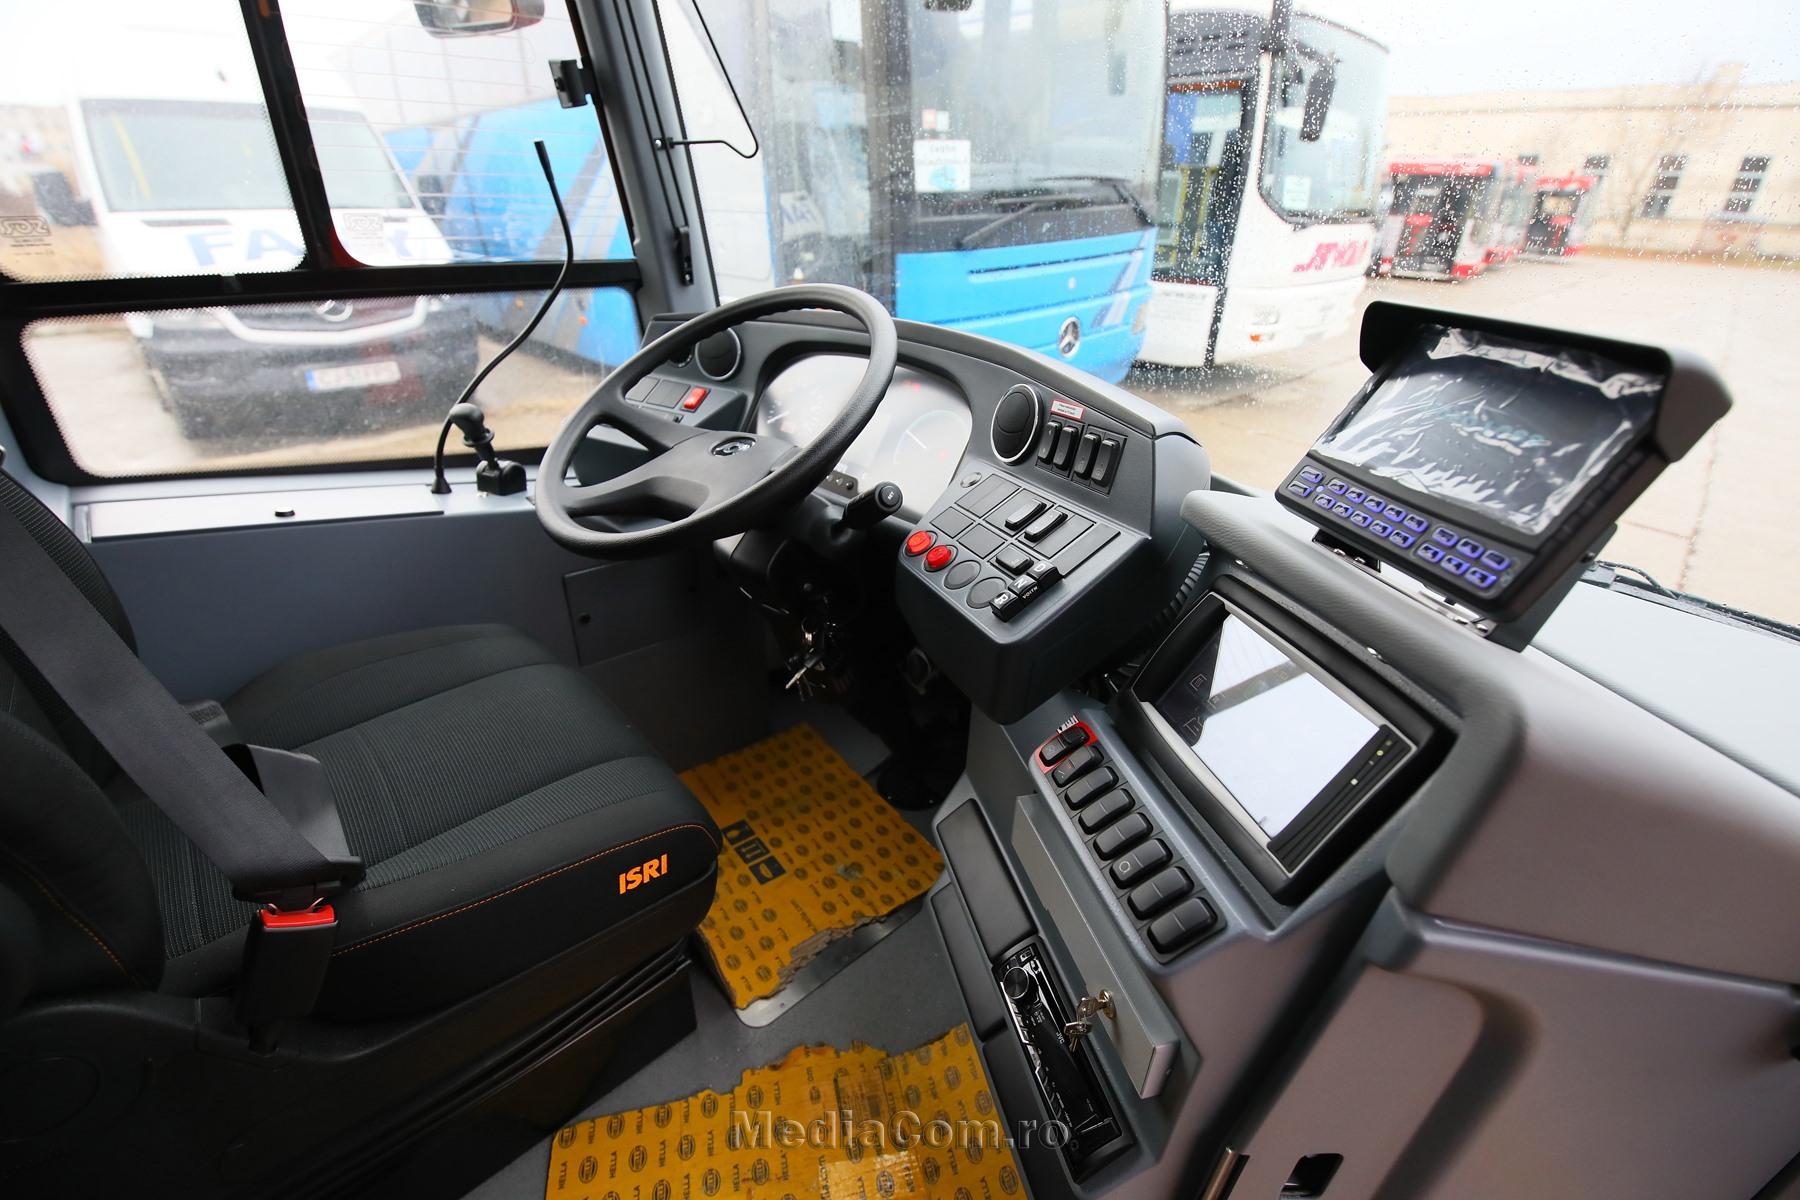 Autobuze electrice Turda - sursa: Facebook (primar Matei Cristian)